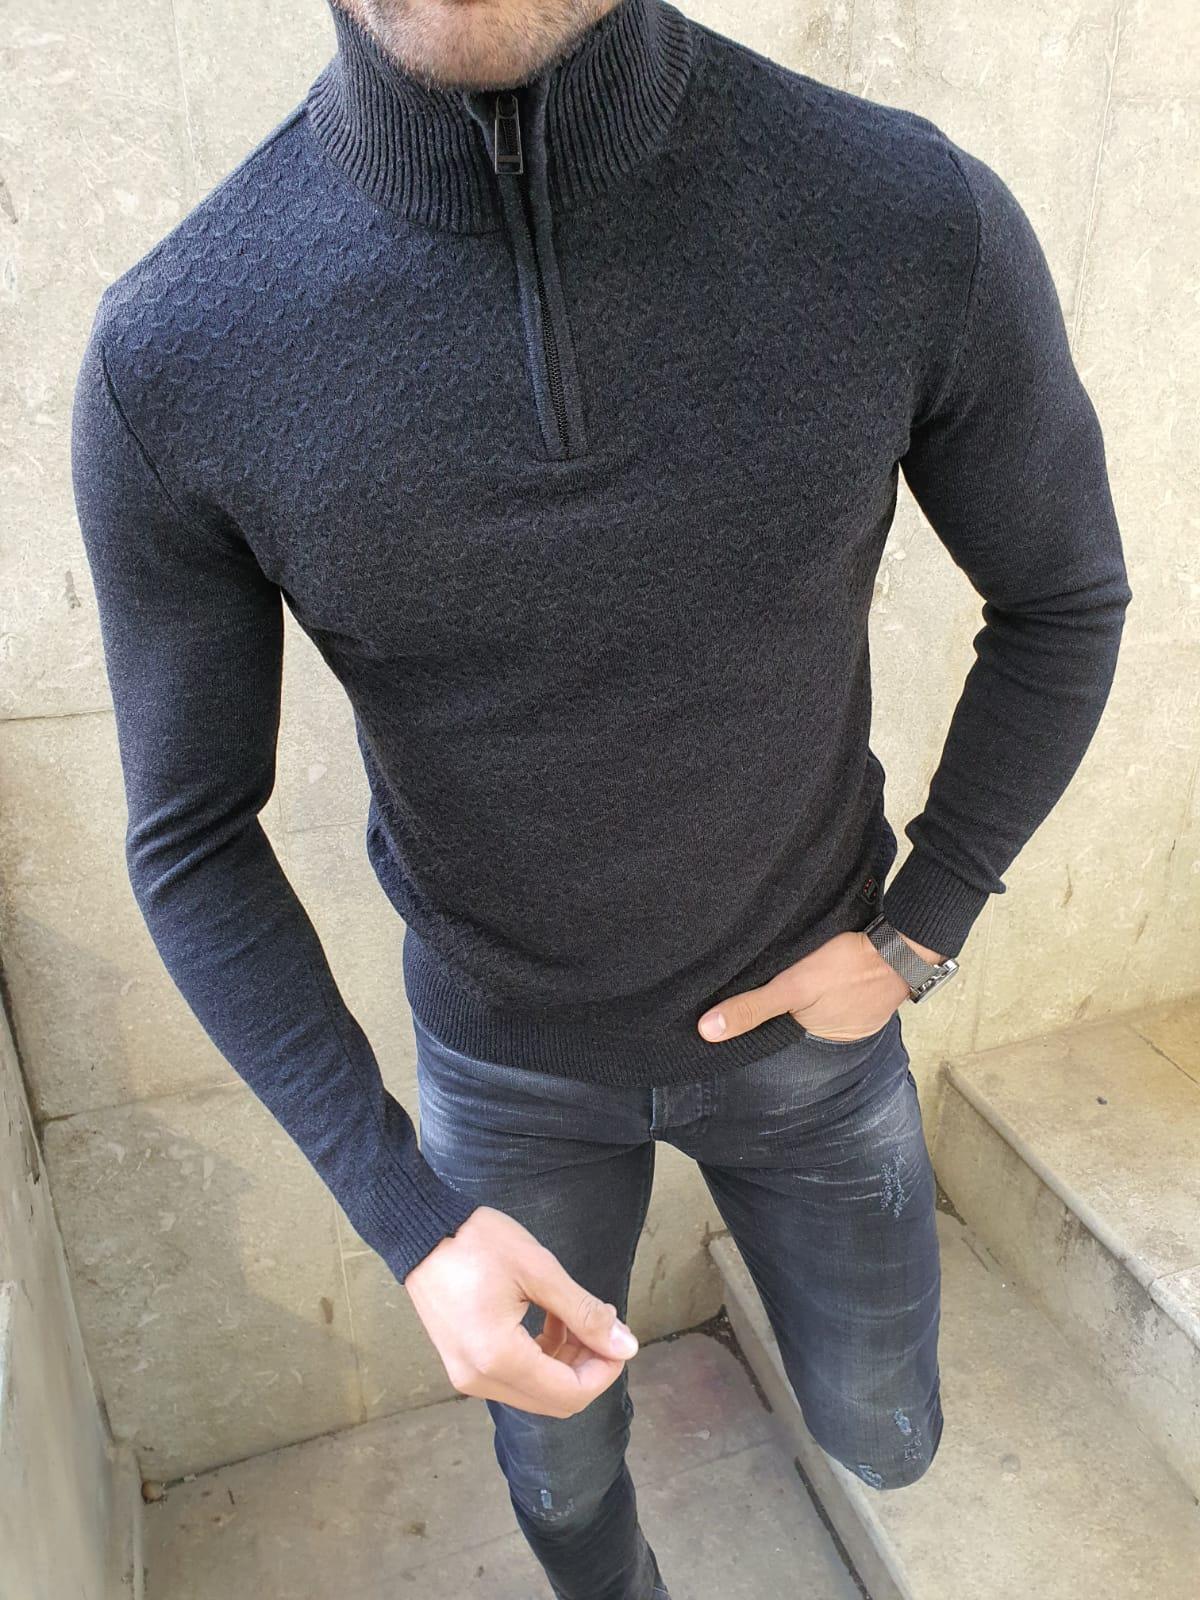 Fieer Mens Turtleneck Long-Sleeve Zipper Casual Fall Winter Sweaters